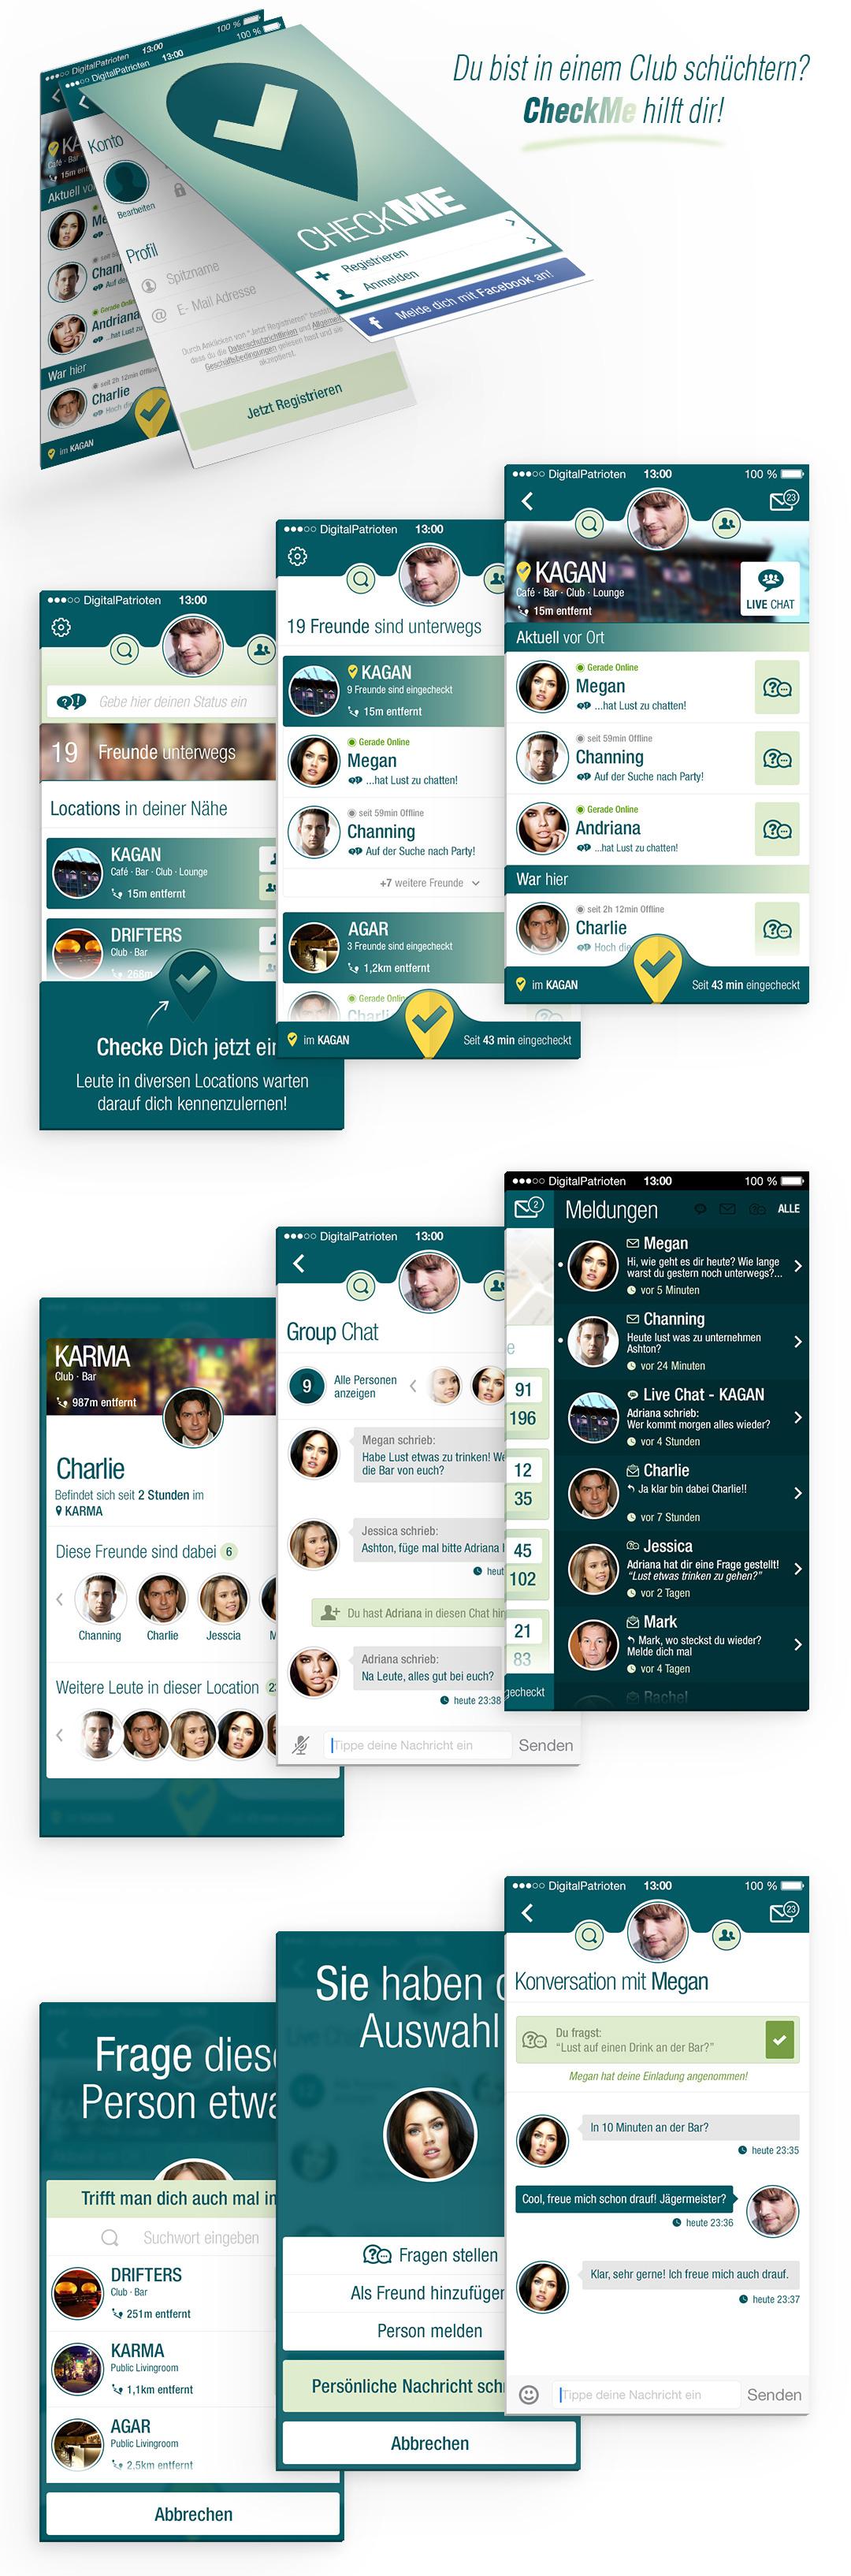 iOS Flirt App - CheckME by h1xndesign